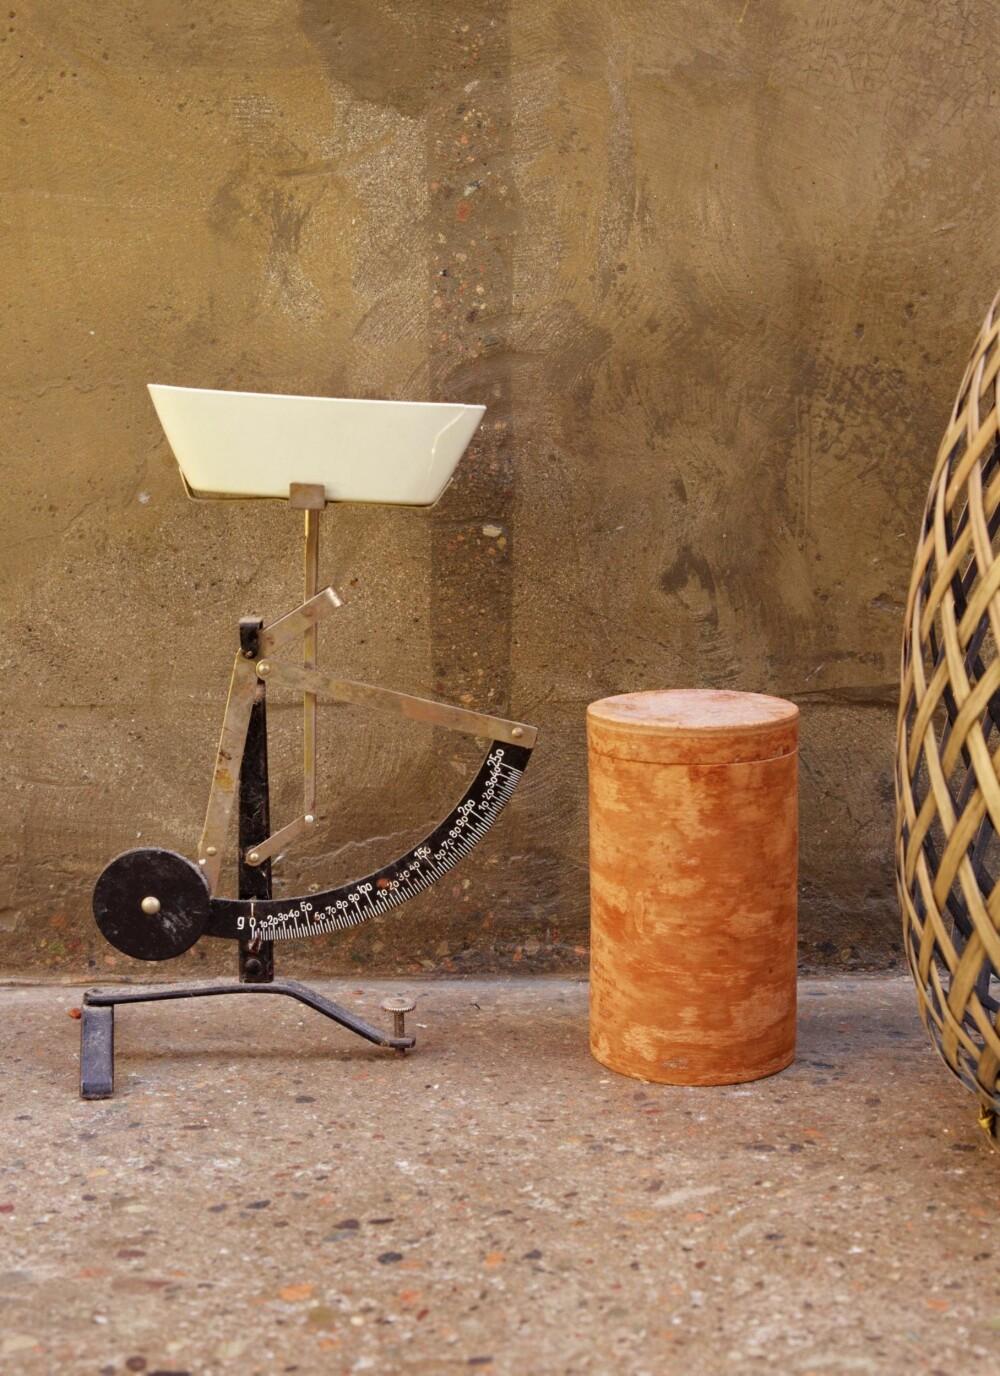 SJELFULL KJØKKENREDSKAP: Den gamle kjøkkenvekten utgjør et skulpturelt - og funksjonelt - innslag på kjøkkenbenken.